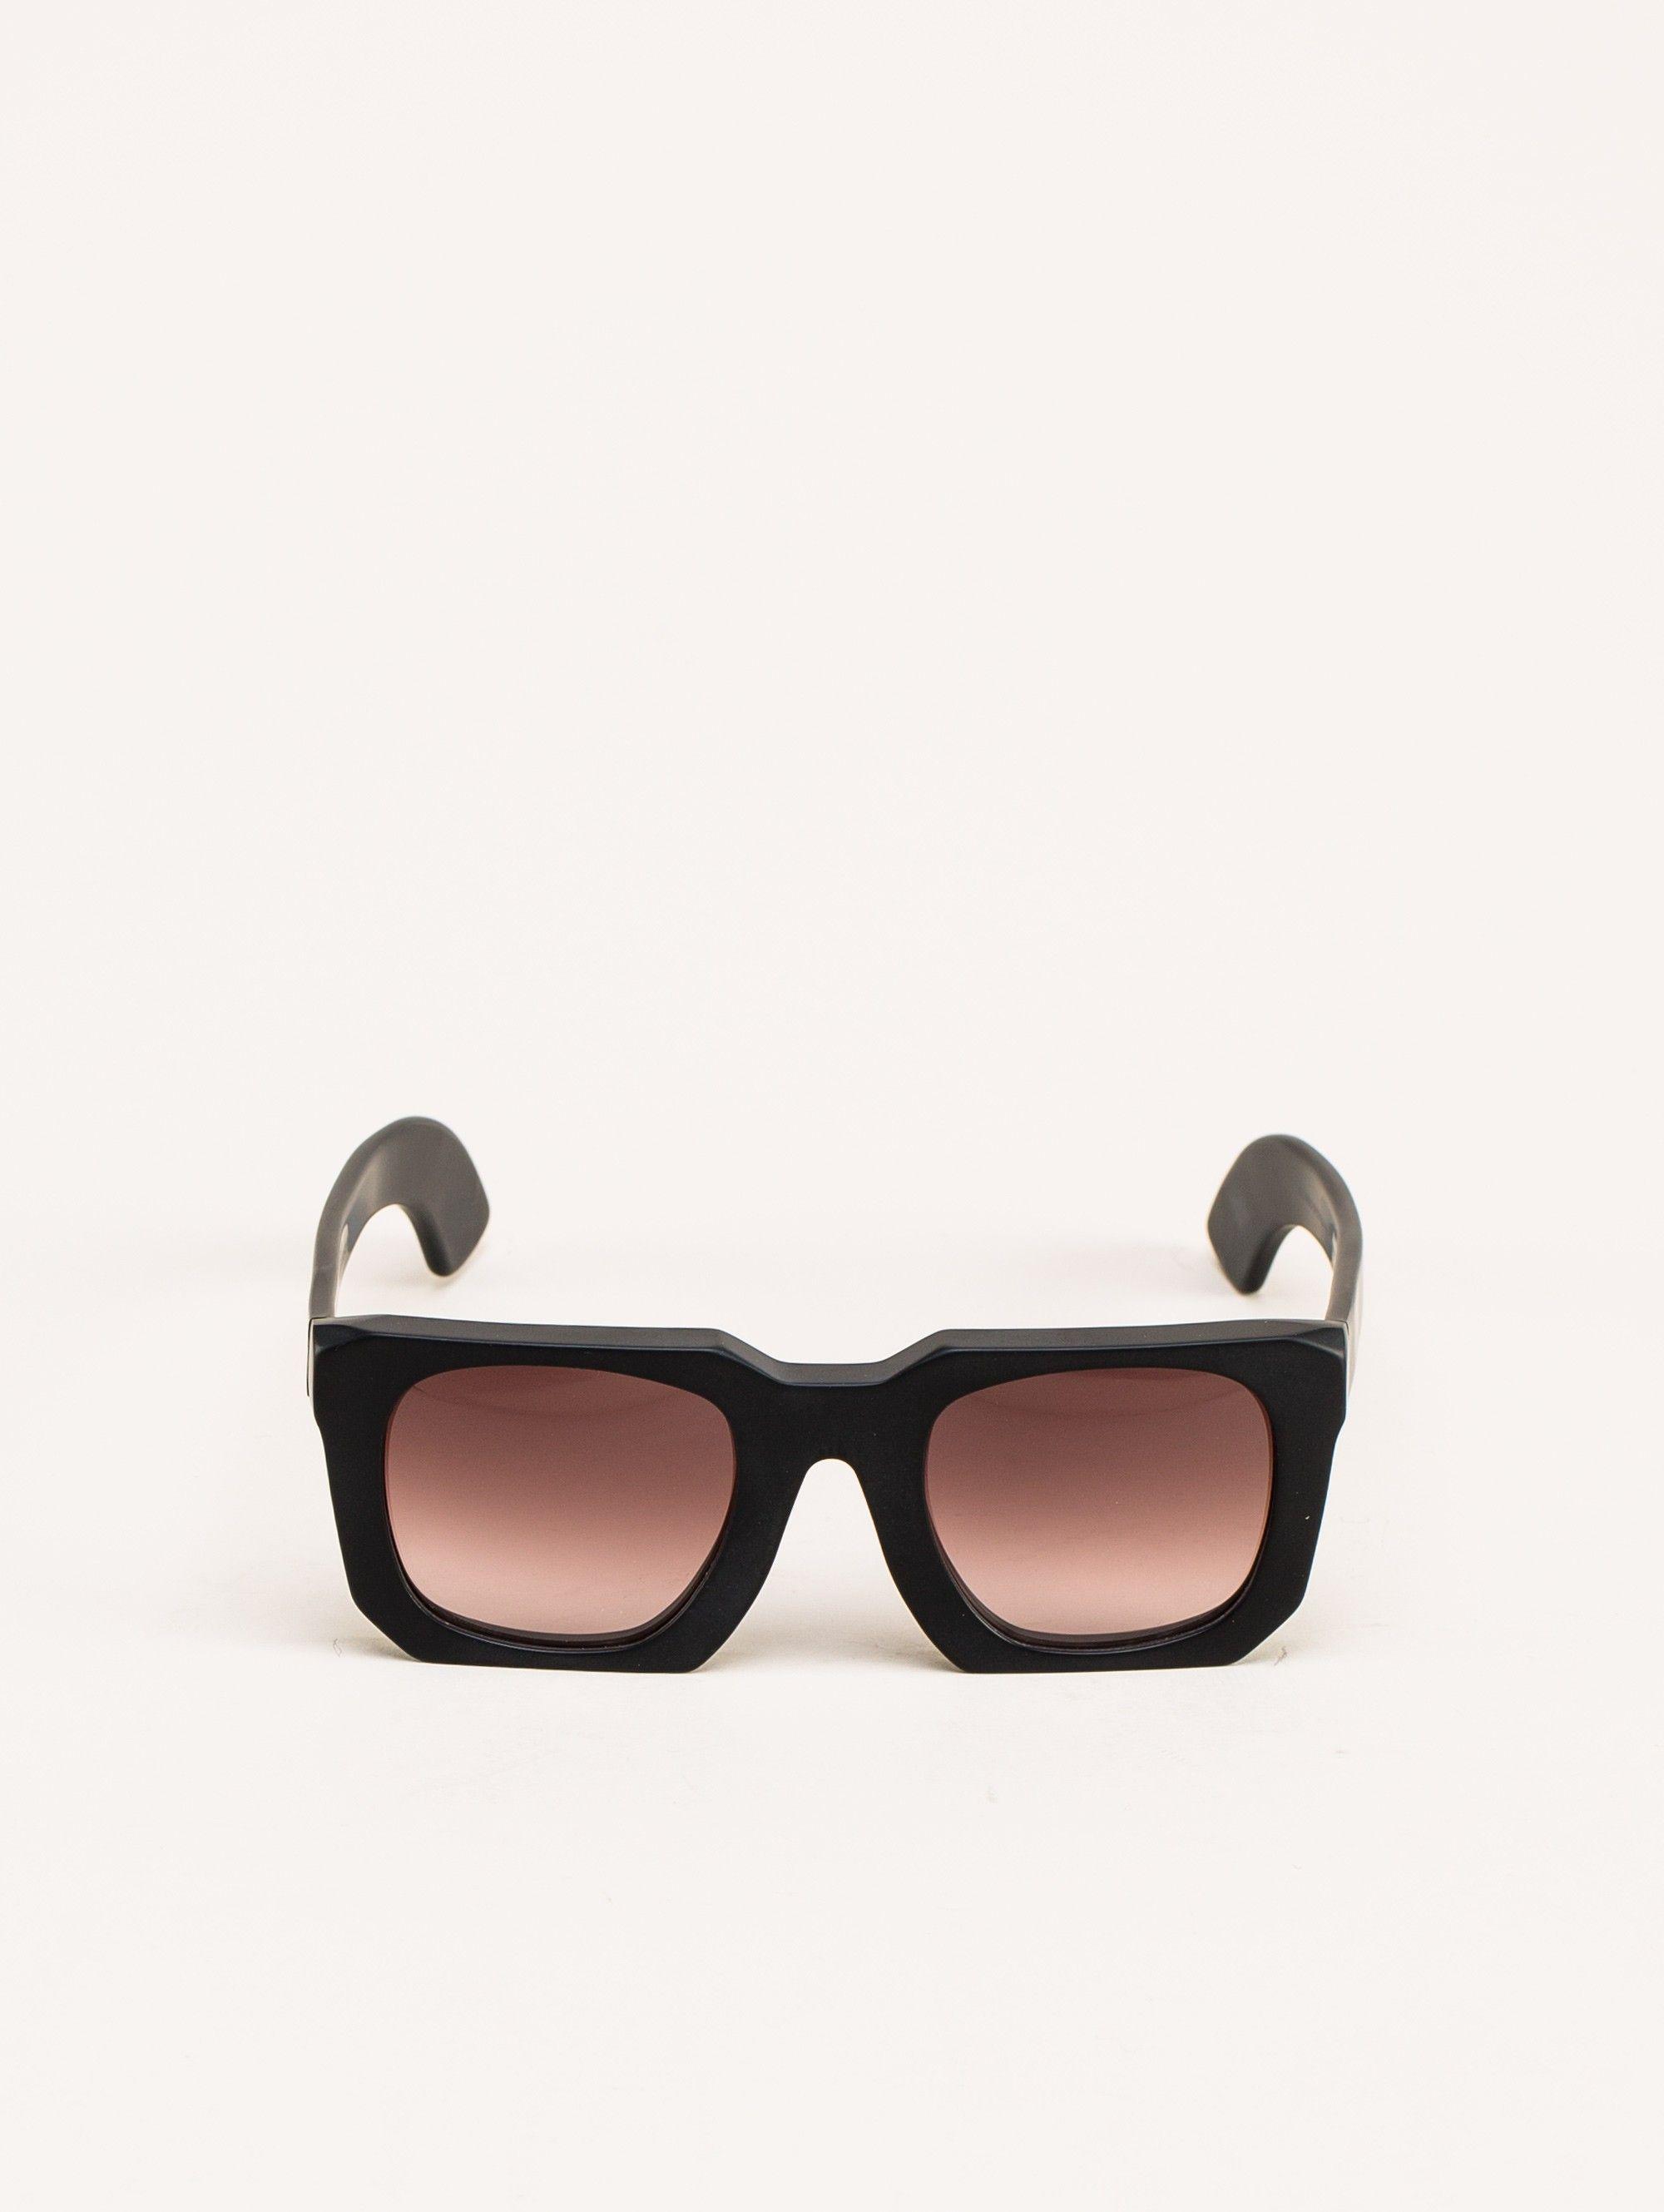 996afd8932 Kuboraum Hexagonal sunglasses  336.35